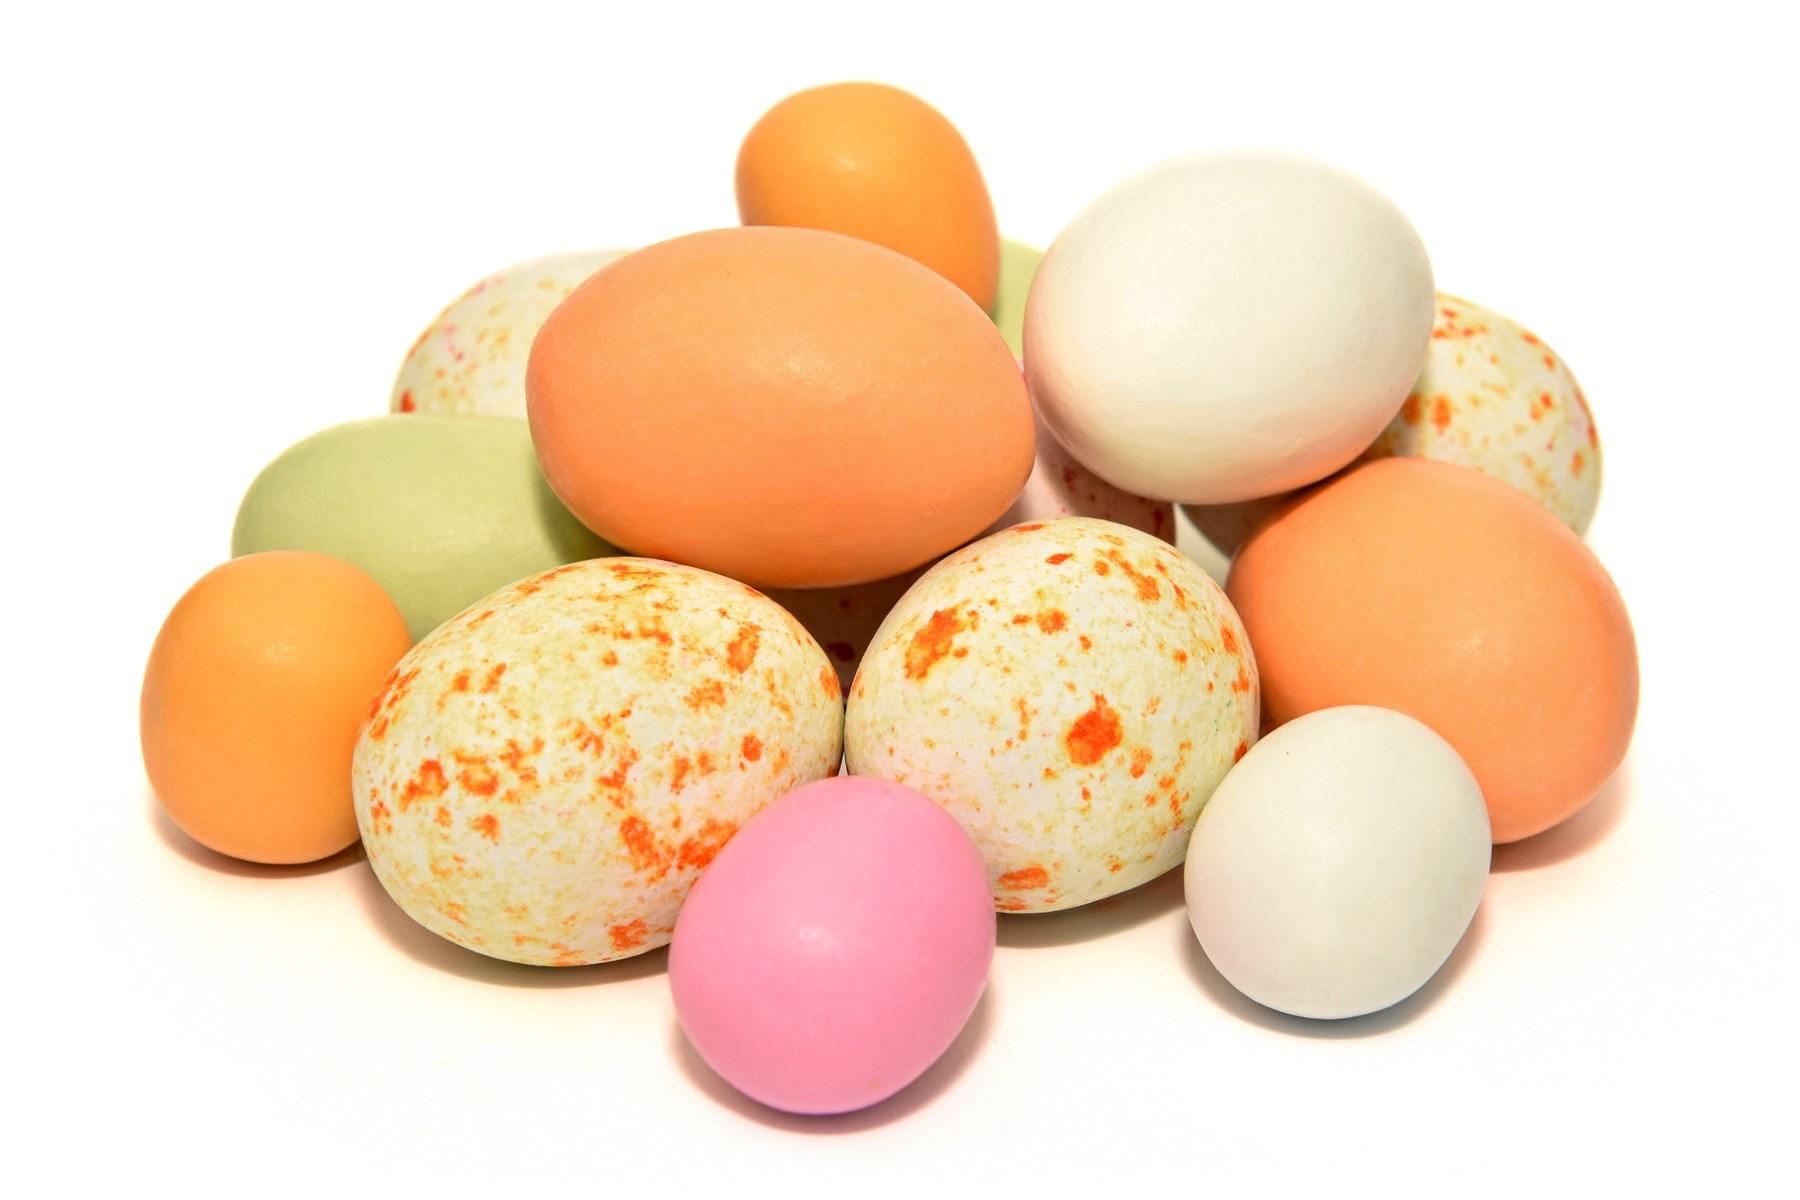 Hvordan er ægget og påsken blevet bedste venner?